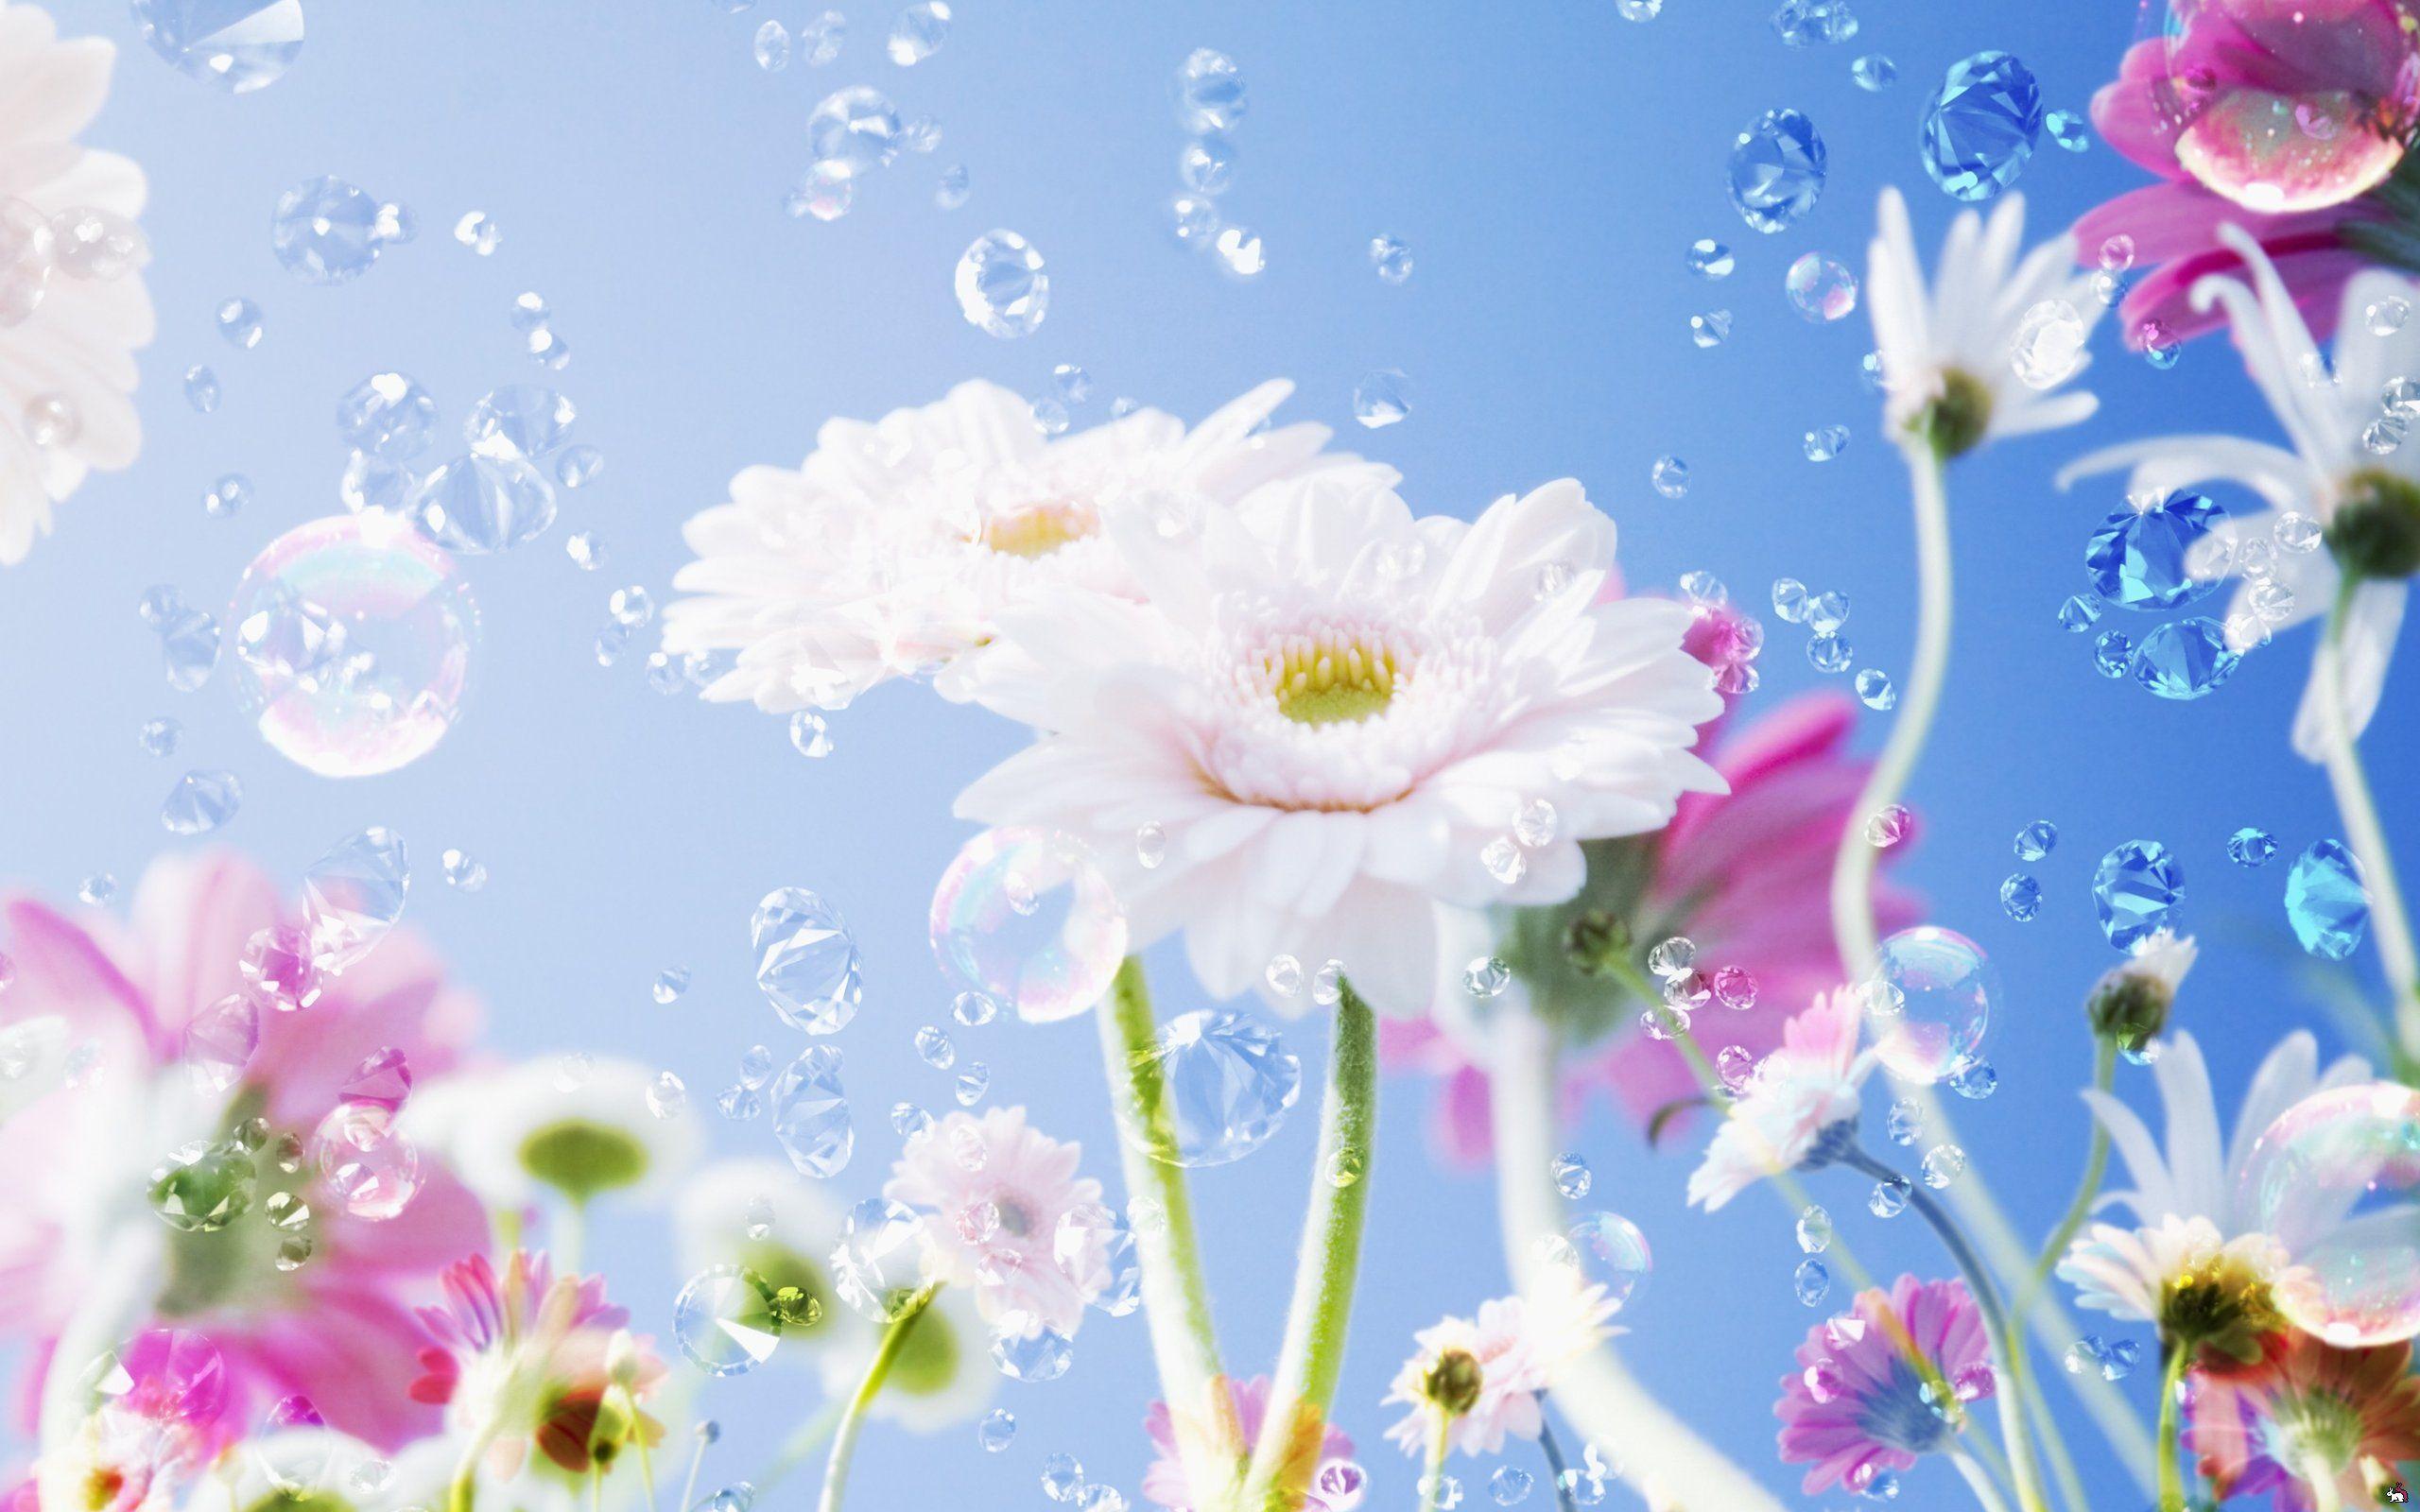 Flowers 2560 1600 Beautiful Flowers Hd Wallpapers Flower Images Wallpapers Flower Wallpaper